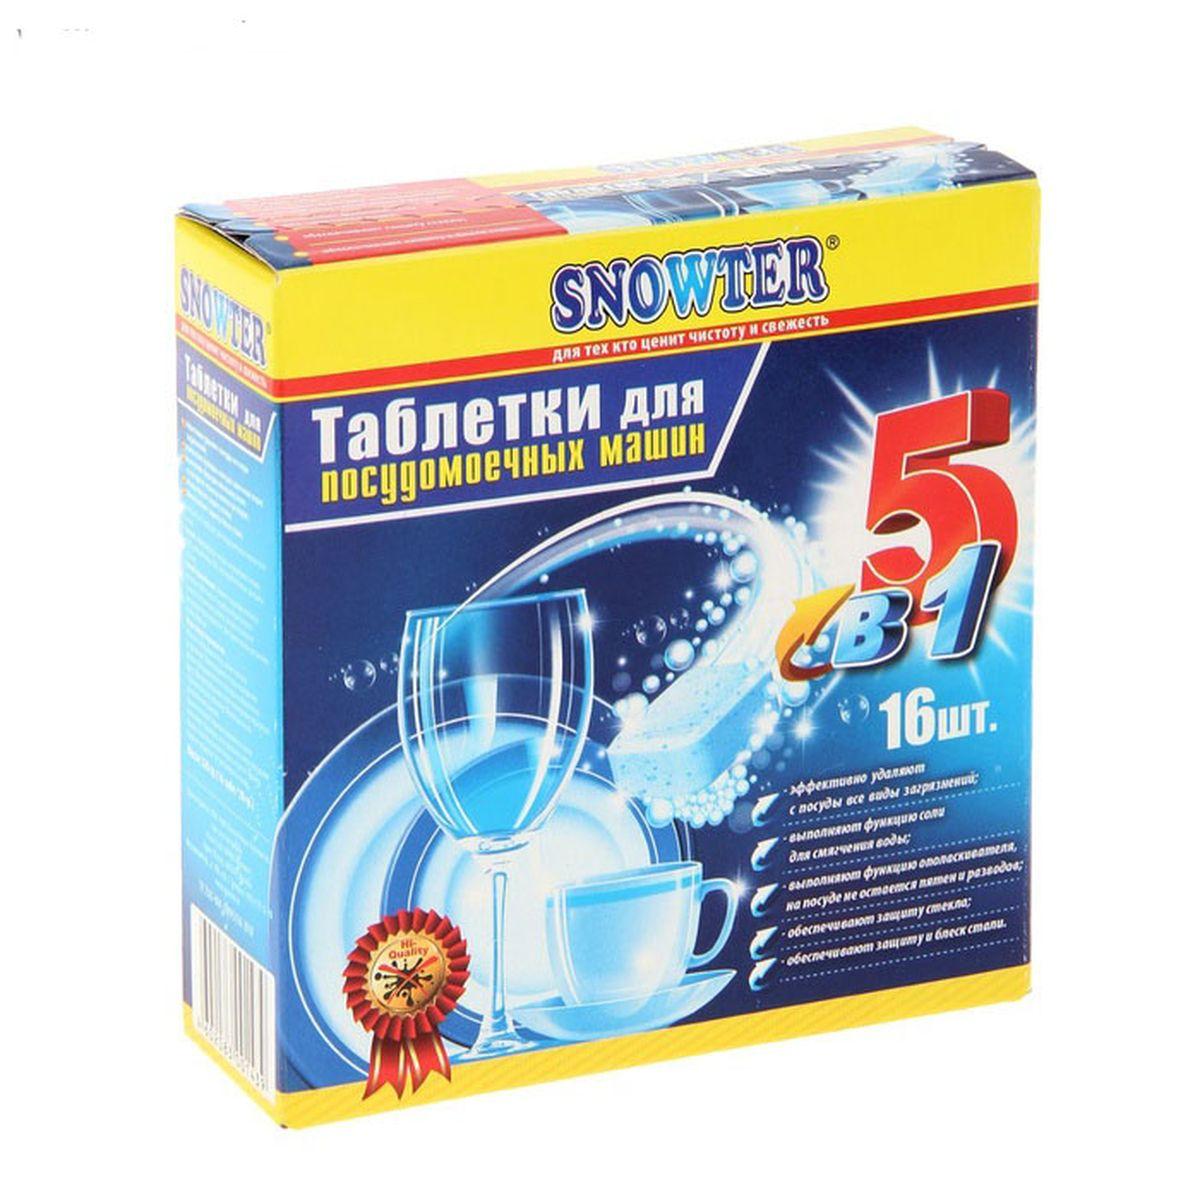 Таблетки для посудомоечных машин Snowter 5 в 1, 16 шт x 20 г391602Таблетки Snowter 5 в 1 подходят для посудомоечных машин всех типов. Основные преимущества данного средства: - эффективно удаляют с посуды все виды загрязнений, - выполняют функцию соли для смягчения воды, - выполняют функцию ополаскивателя: на посуде не остается пятен и разводов, - обеспечивают защиту стекла, - обеспечивают защиту и блеск стали.Состав: триполифосфат натрия (более 30%), перкарбонат натрия (5-15%), поликарбоксилат (5-15%), фосфаты (5-15%), неионогенные ПАВ (менее 5%), ТАЕД, энимы.Товар сертифицирован.Уважаемые клиенты!Обращаем ваше внимание на возможные изменения в дизайне упаковки. Качественные характеристики товара остаются неизменными. Поставка осуществляется в зависимости от наличия на складе.